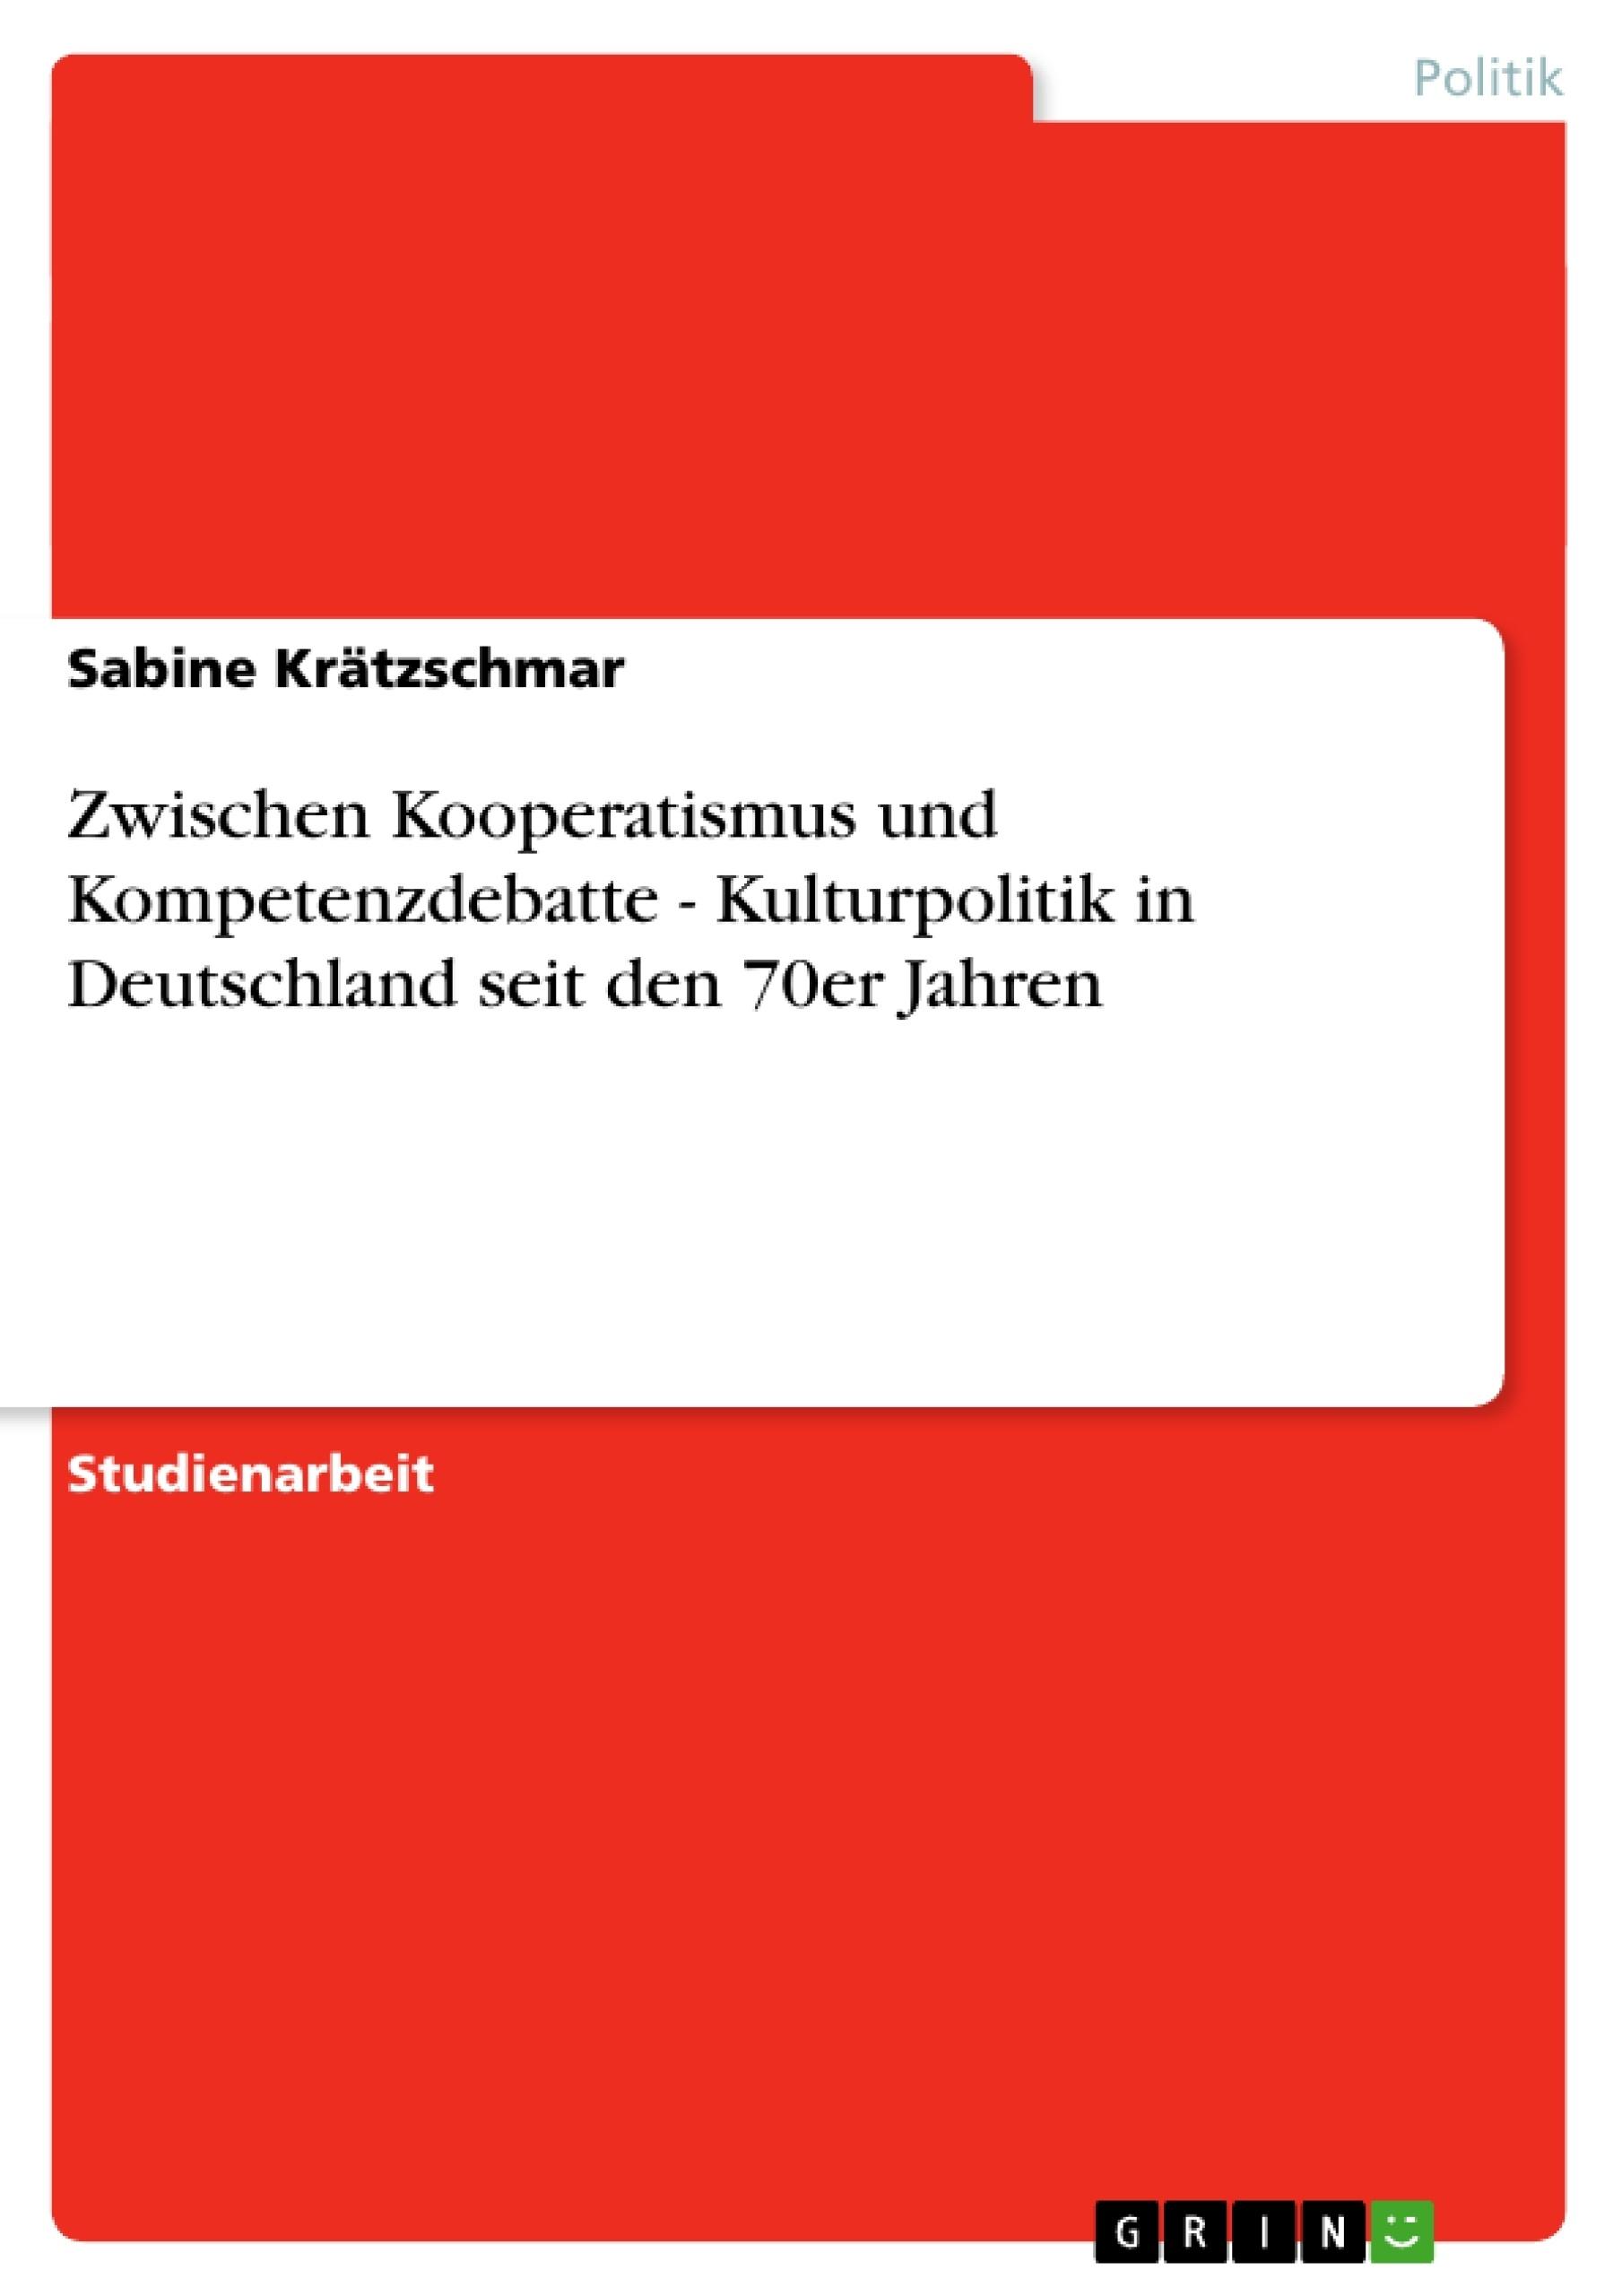 Titel: Zwischen Kooperatismus und Kompetenzdebatte - Kulturpolitik in Deutschland seit den 70er Jahren